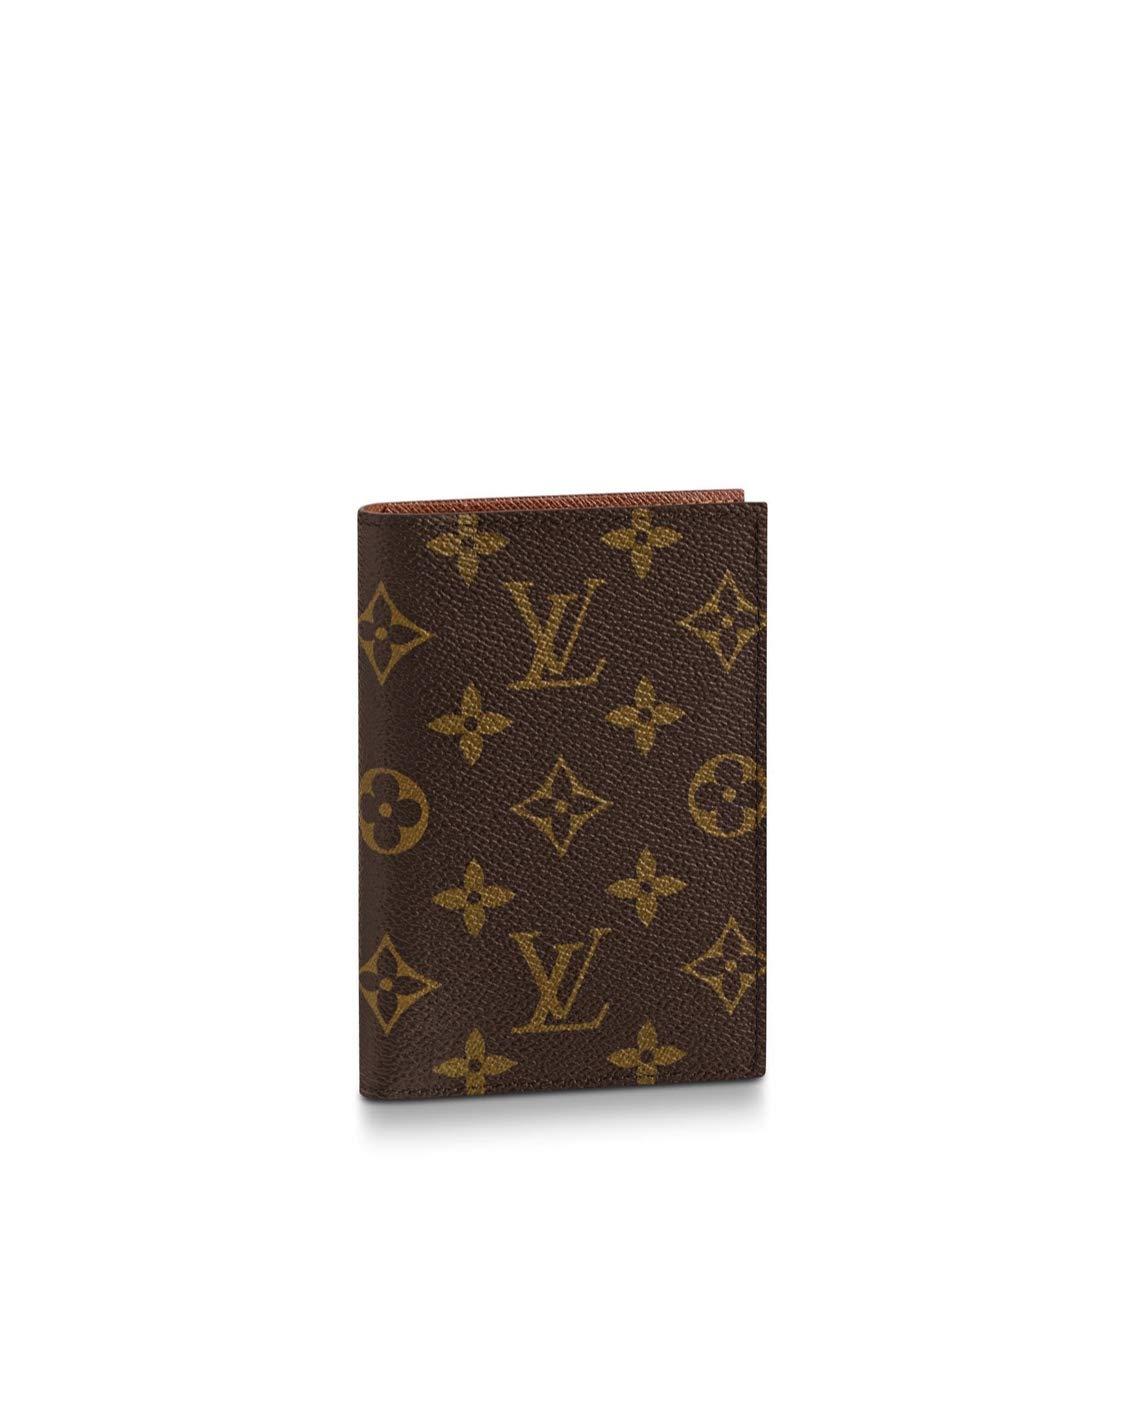 Louis Vuitton Passport Cover Monogram M64502